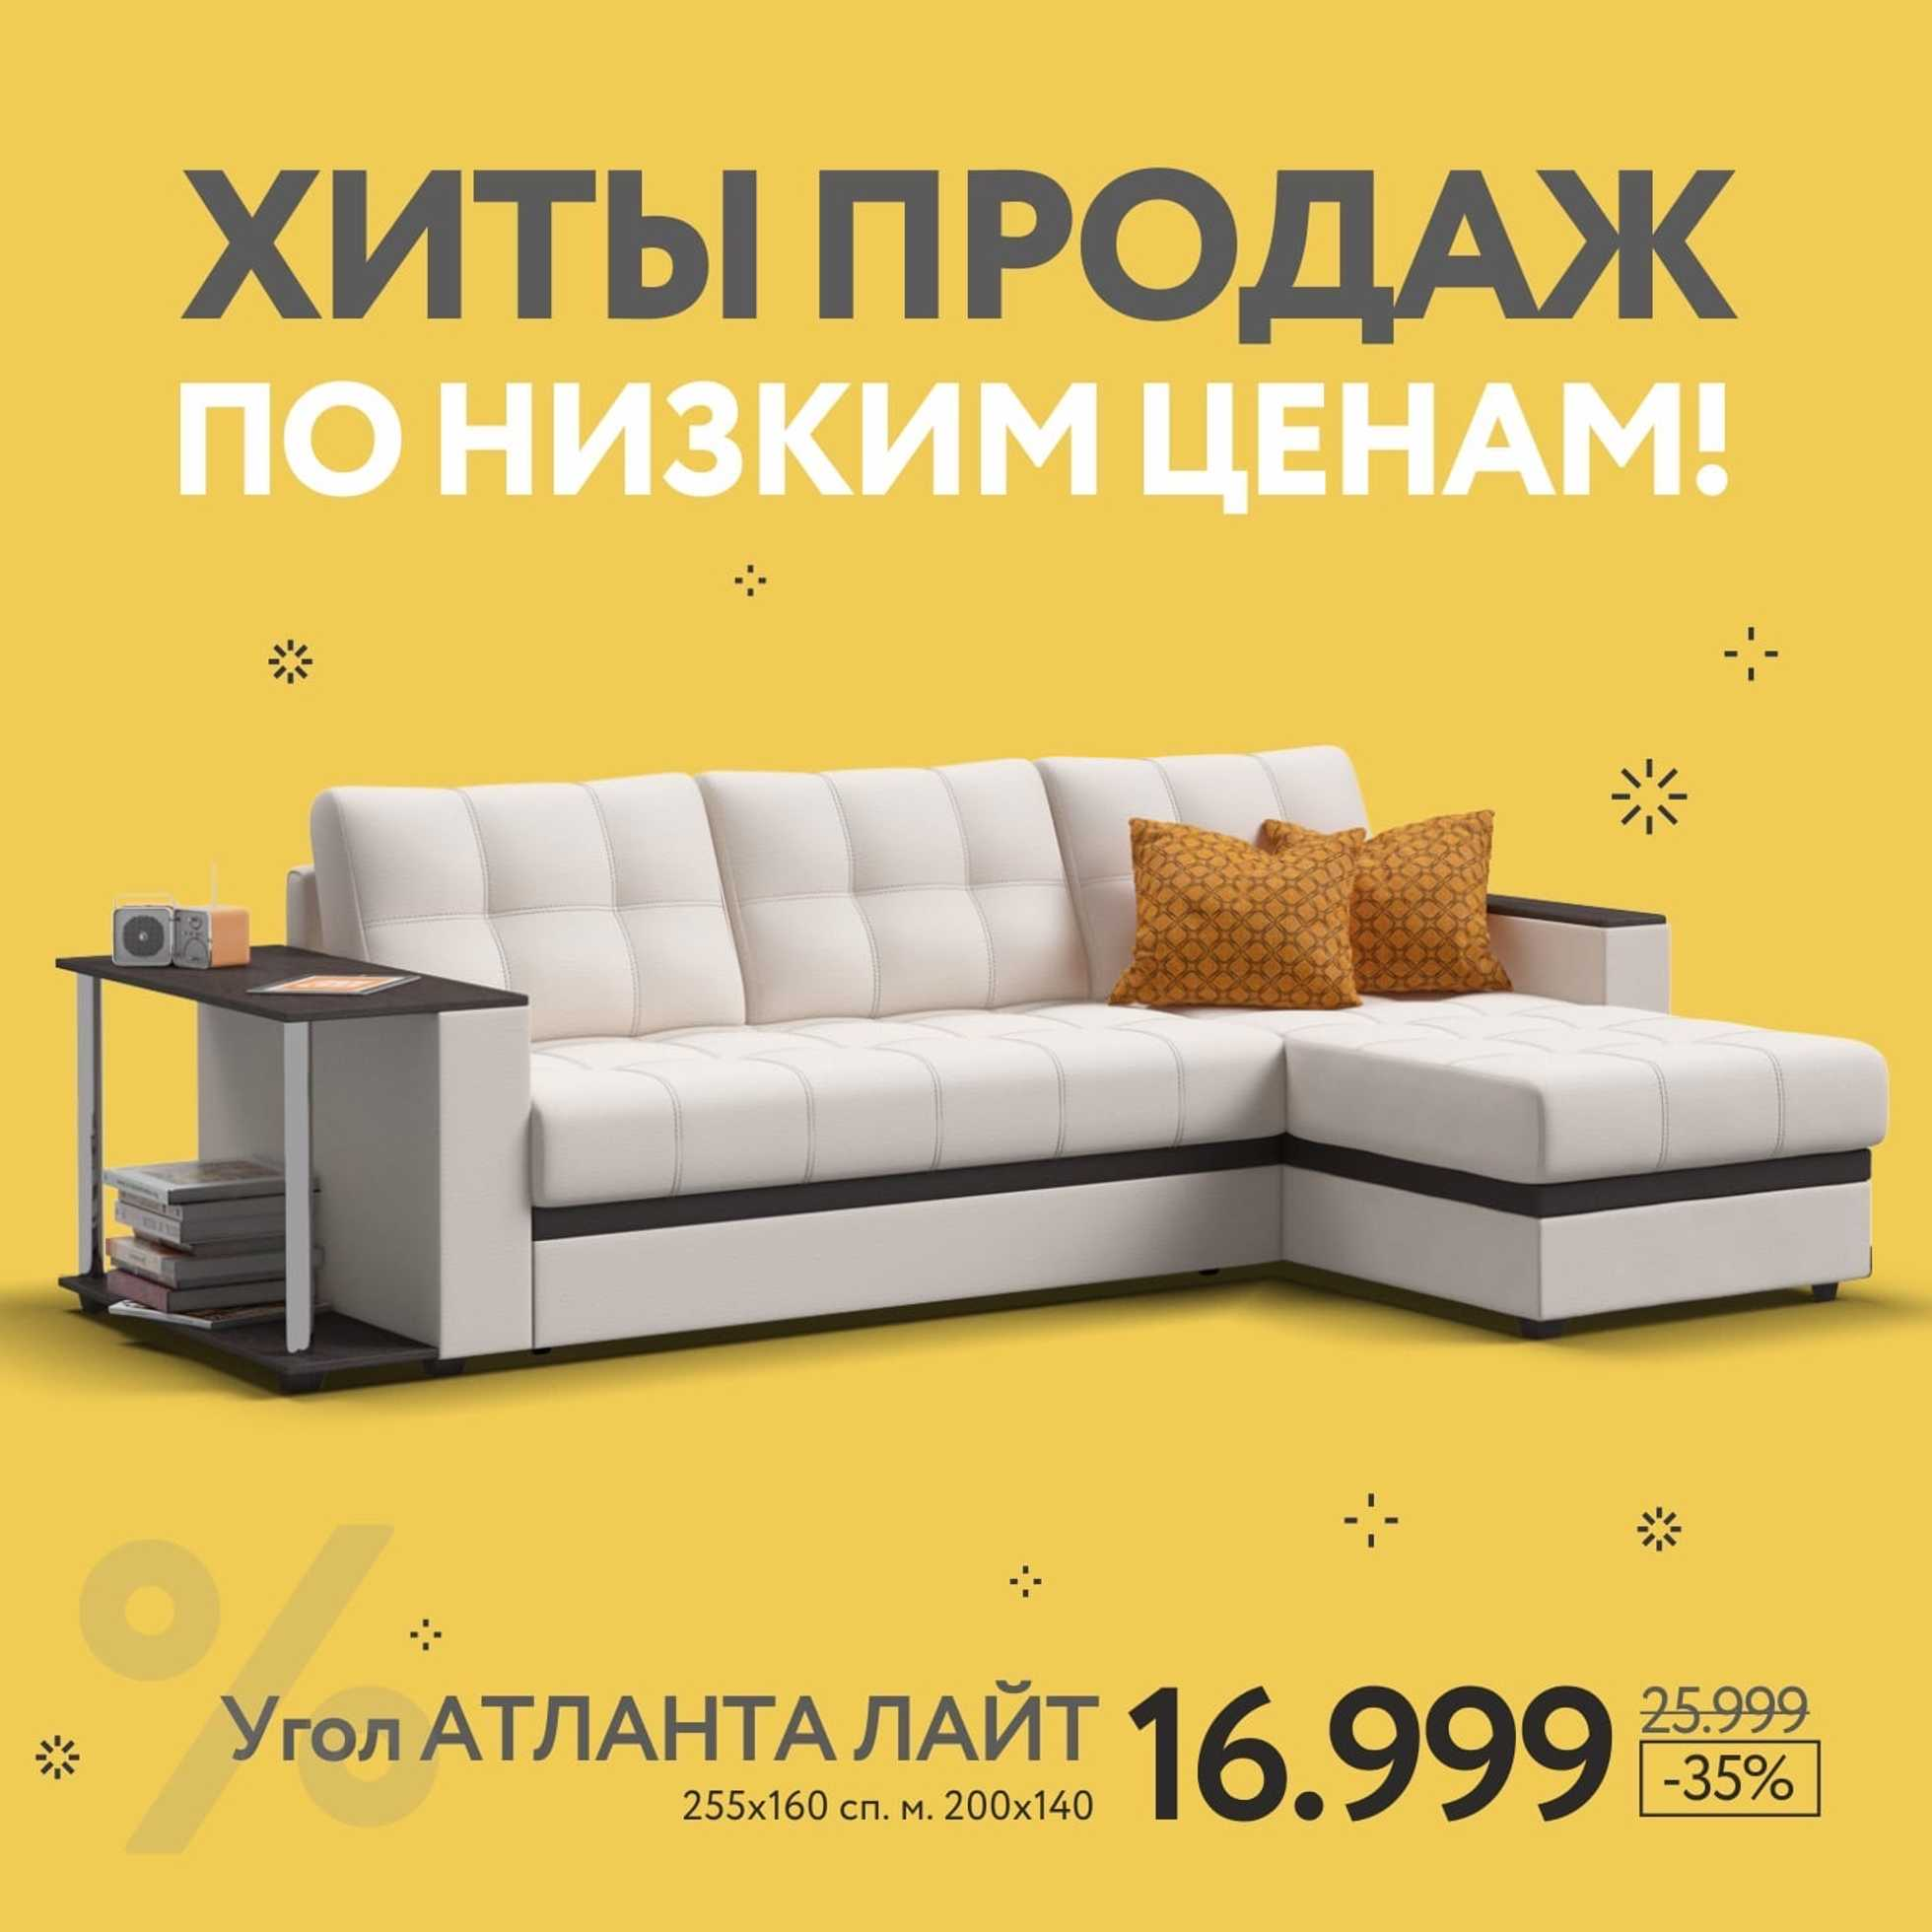 Много Мебели - каталог действителен с 05.01.2021 по 18.01.2021 - страница 4.